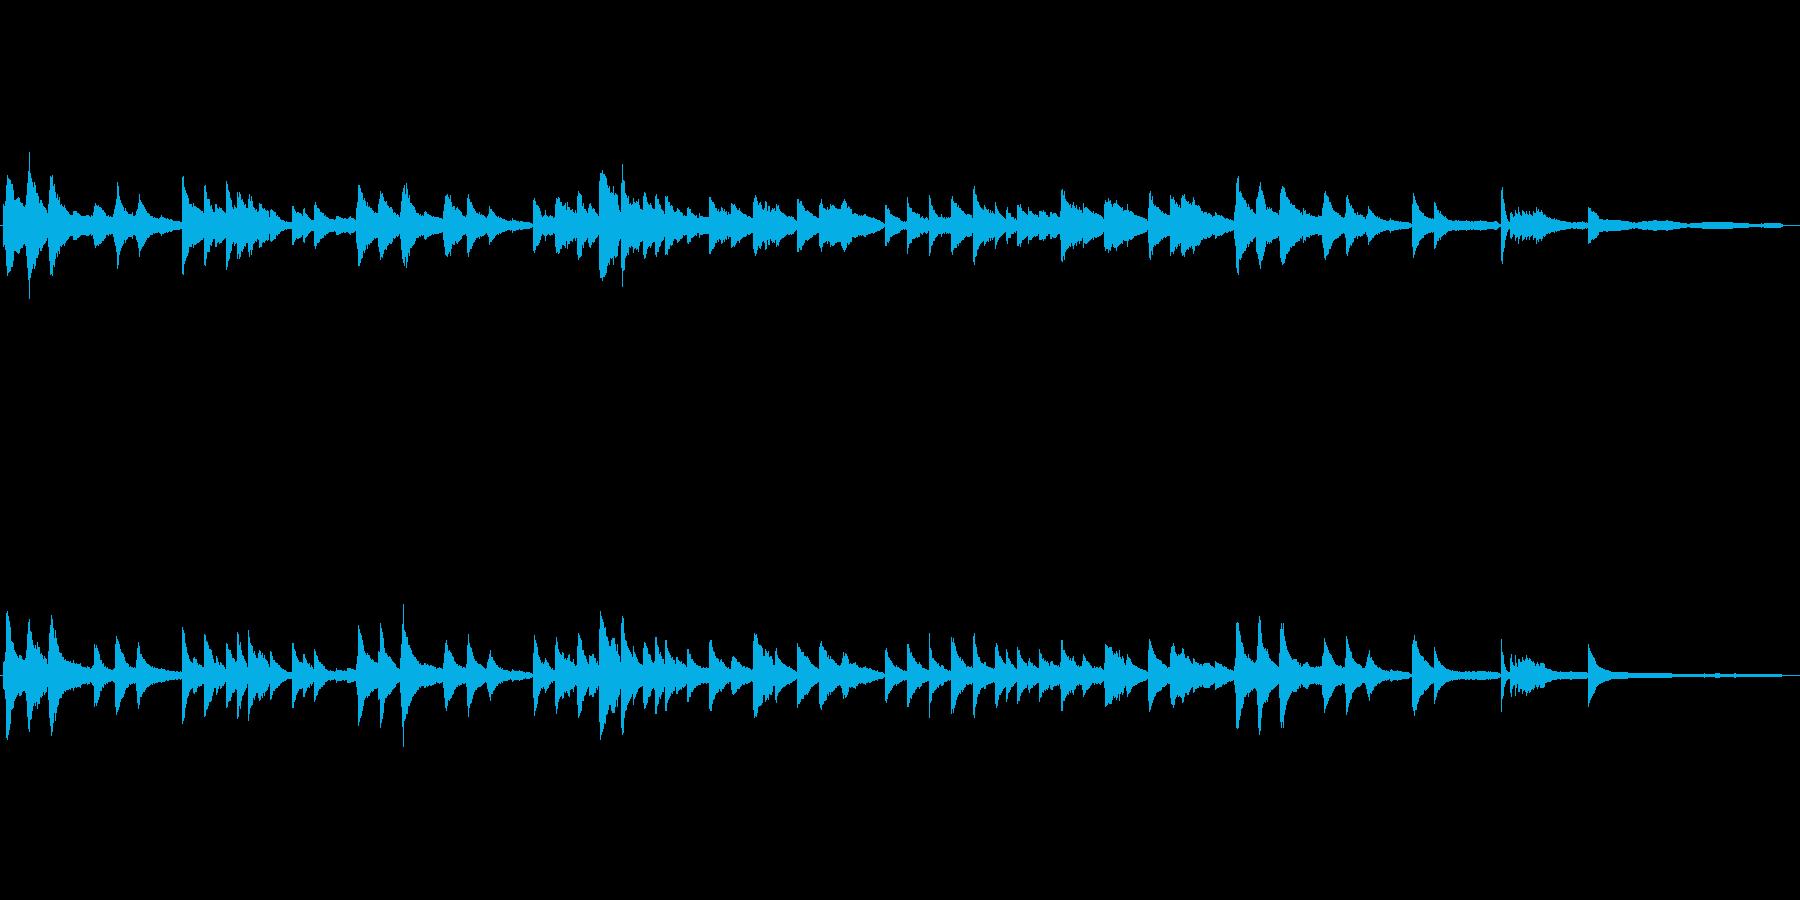 日本古謡|さくらさくら|ピアノ伴奏の再生済みの波形